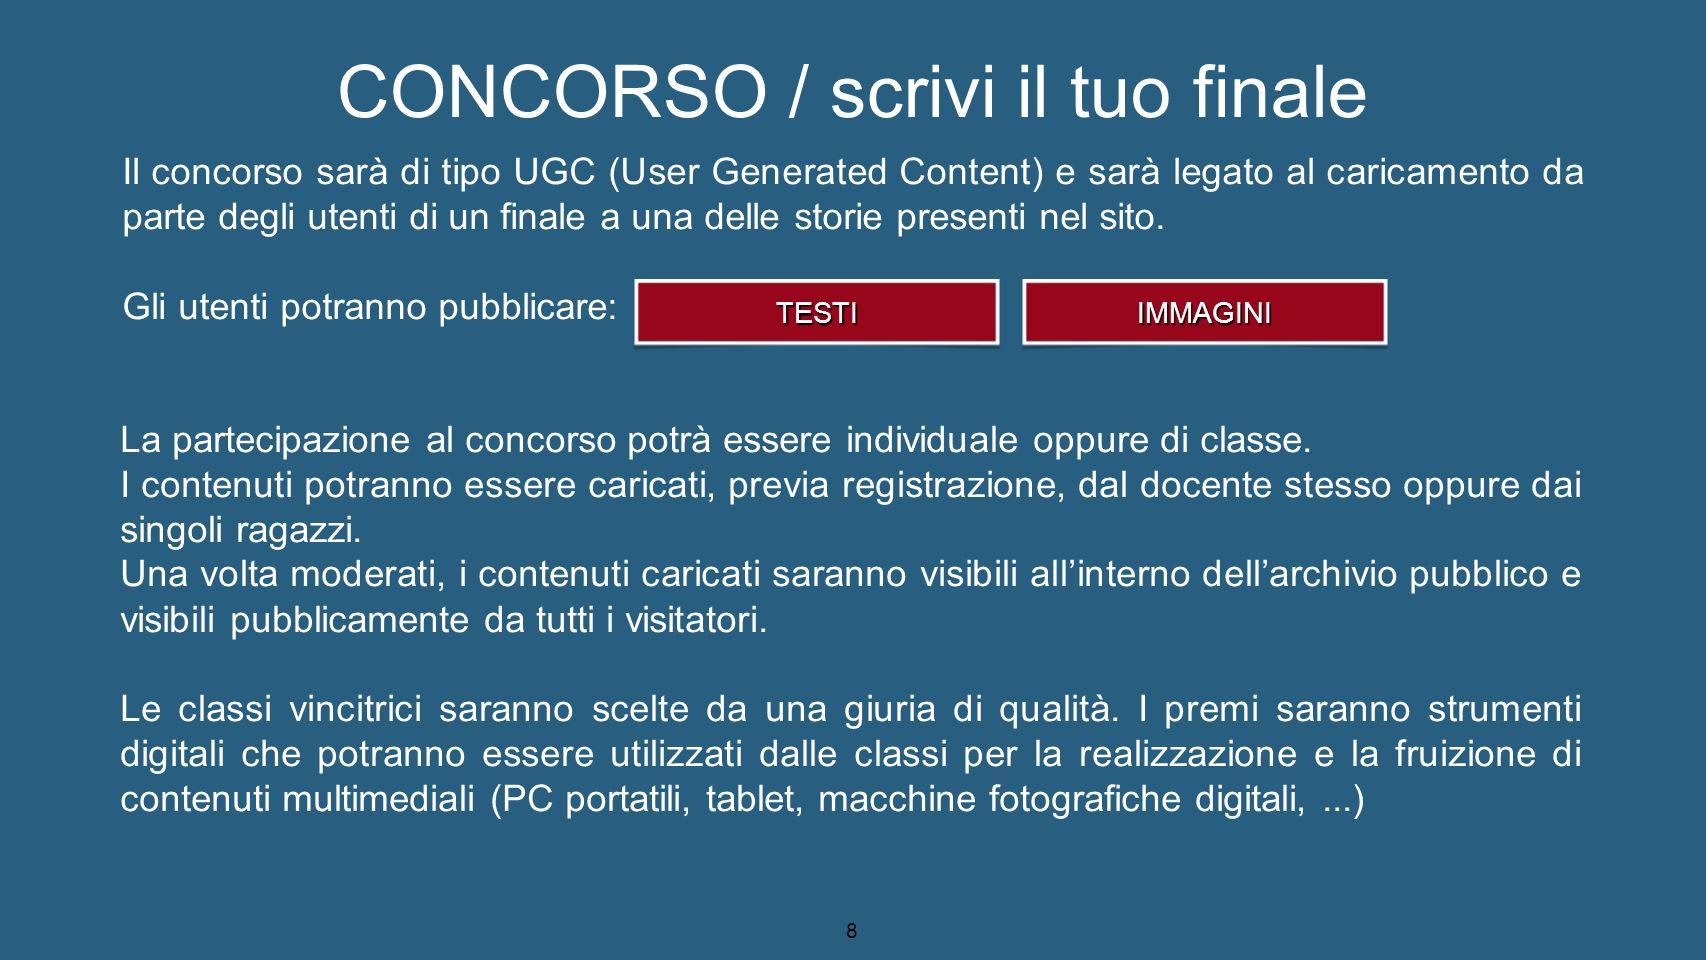 CONCORSO / scrivi il tuo finale